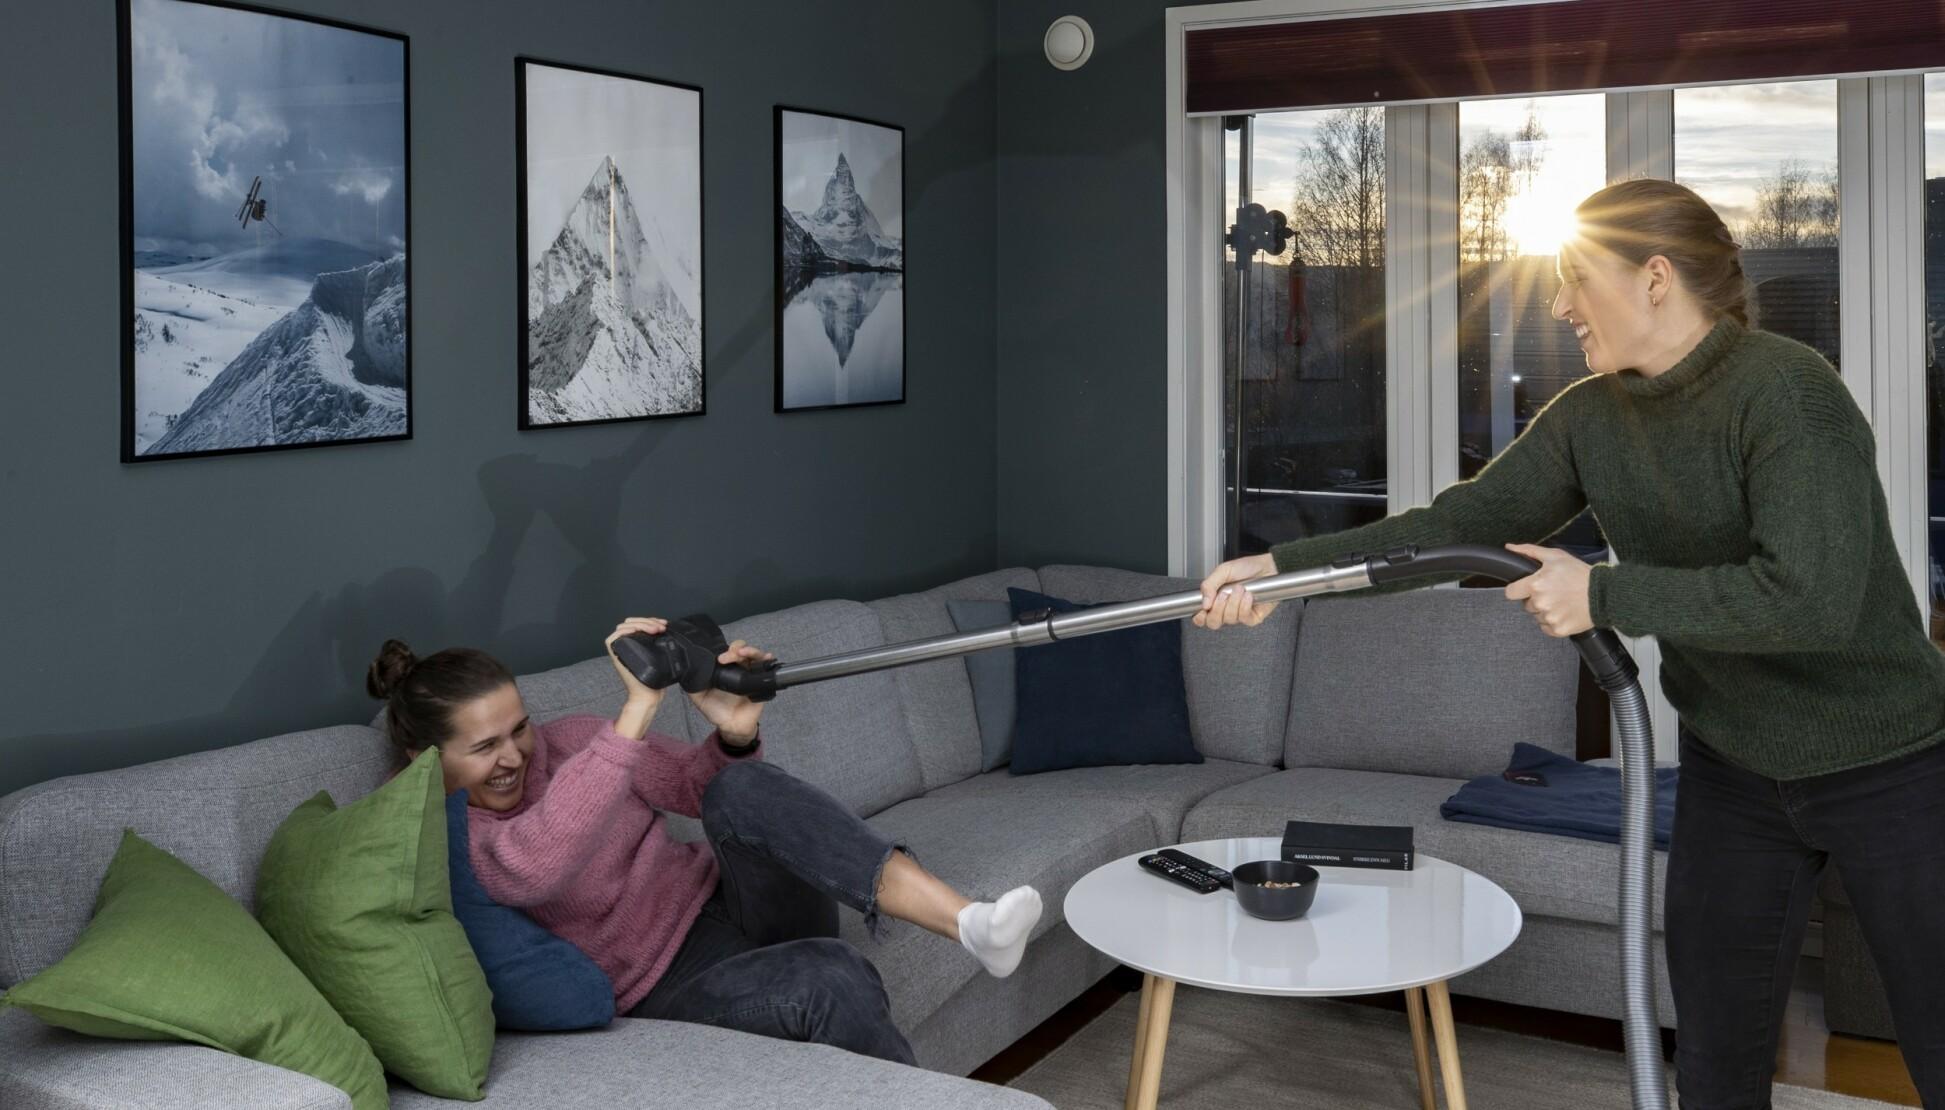 «KOM IGJEN»: - Jeg er raskere enn deg til å støvsuge, erter Lotta (t.h.). Tvillingsøster Tiril er langt fra enig! FOTO: Geir Olsen